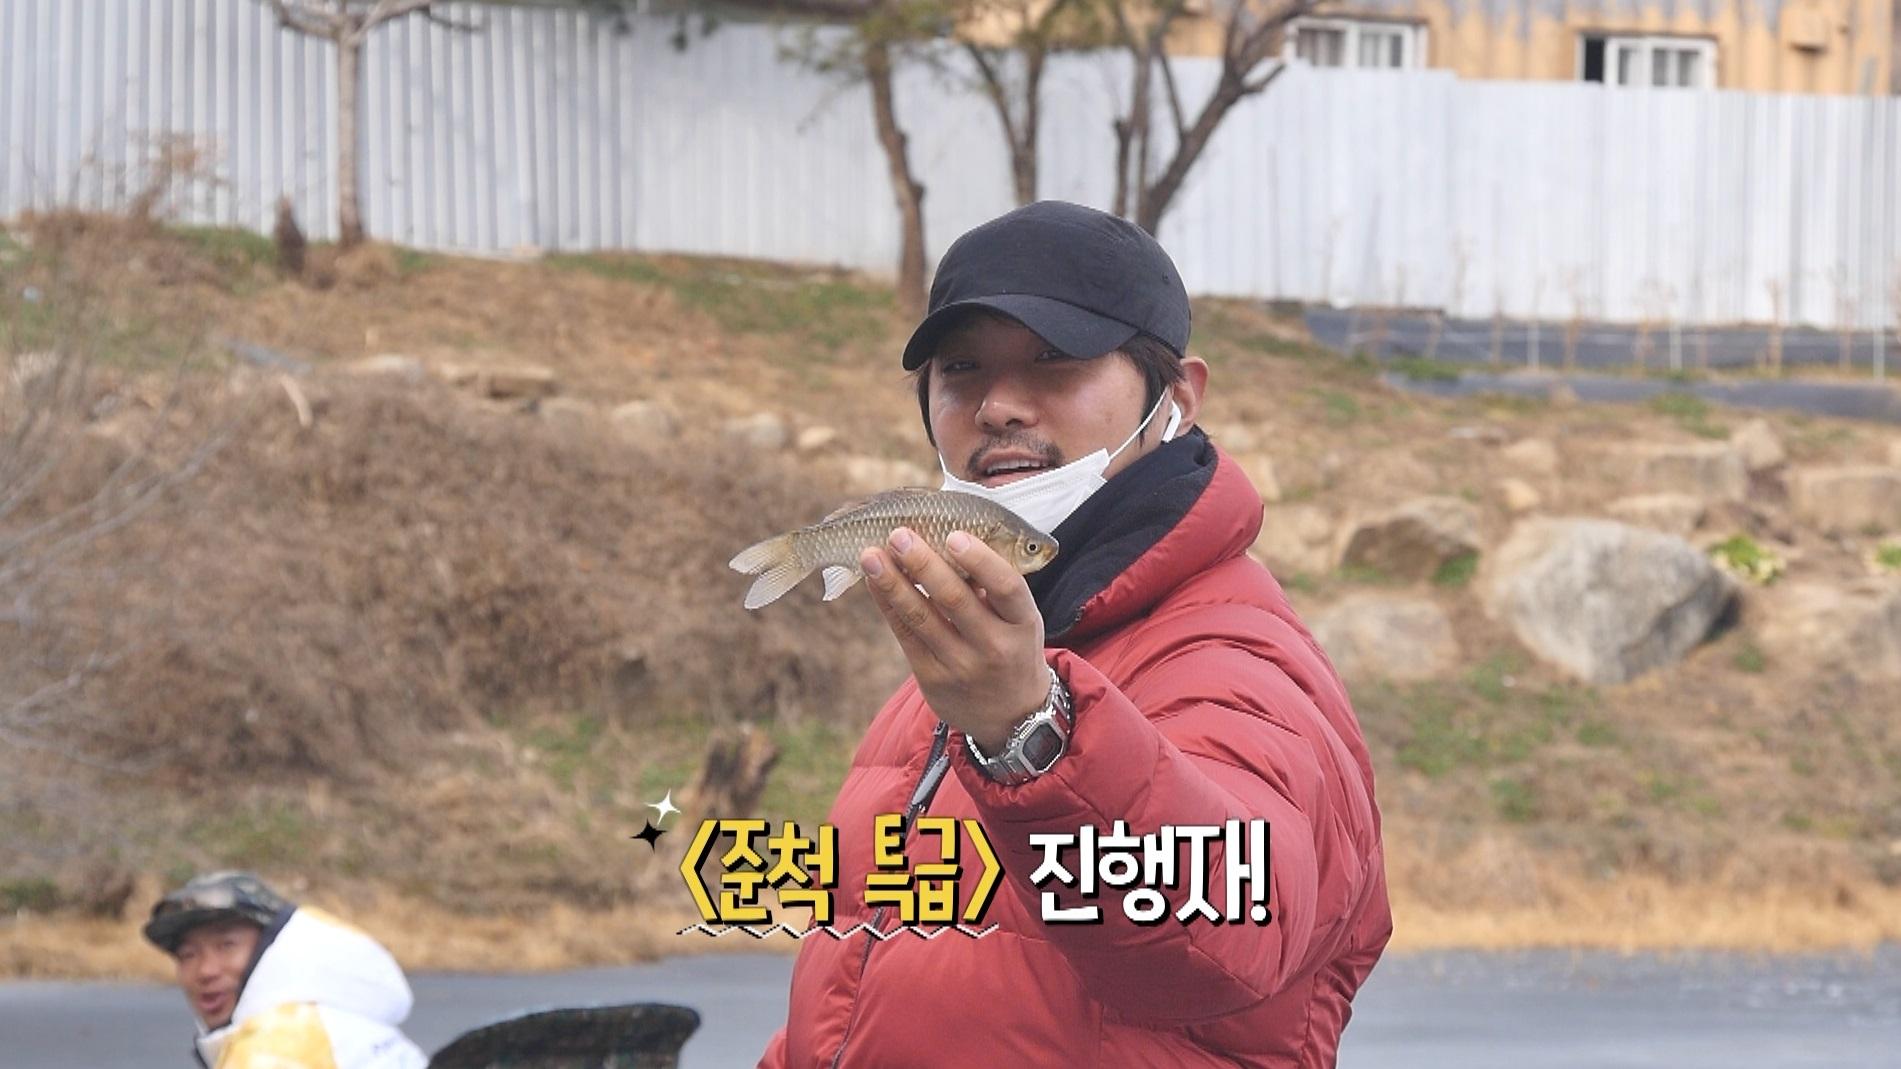 가수 KCM, '도시어부' 이어 '낚시형제' 도장깨기...이하늘과 살얼음판 낚시 대결 펼쳐